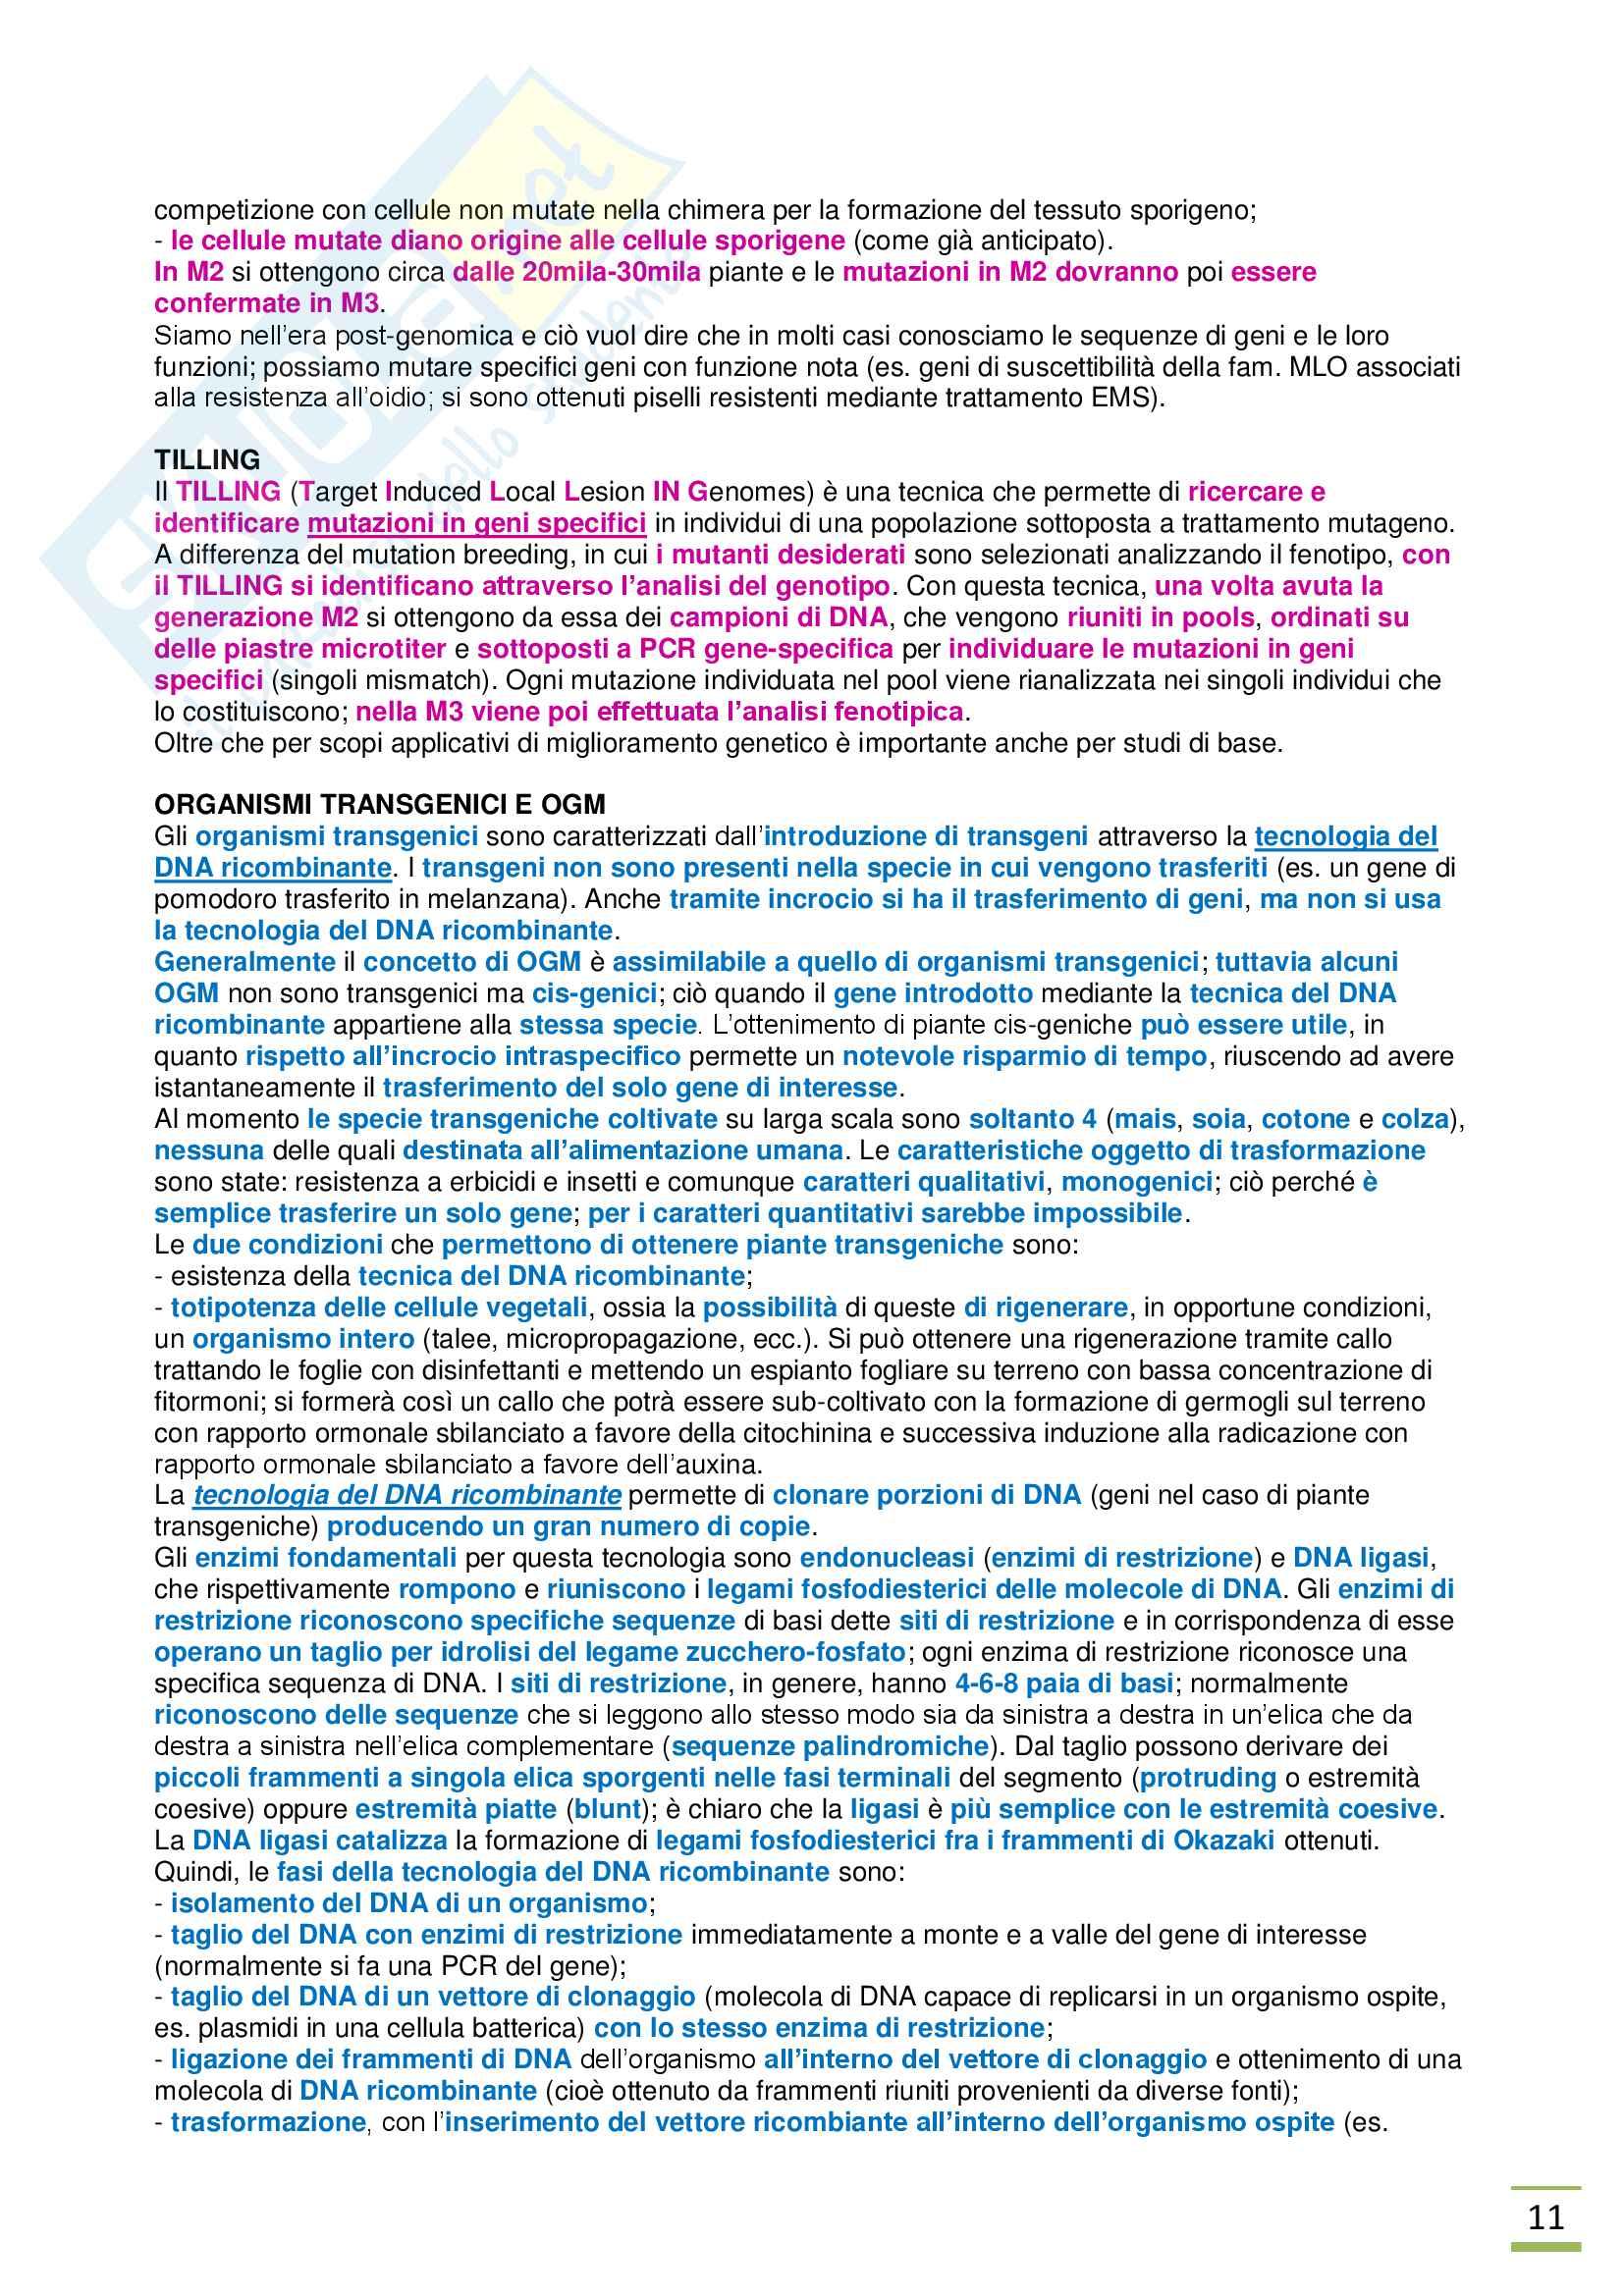 Appunti di Salvaguardia e Valorizzazione della Biodiversità Vegetale prof. Pavan Pag. 11